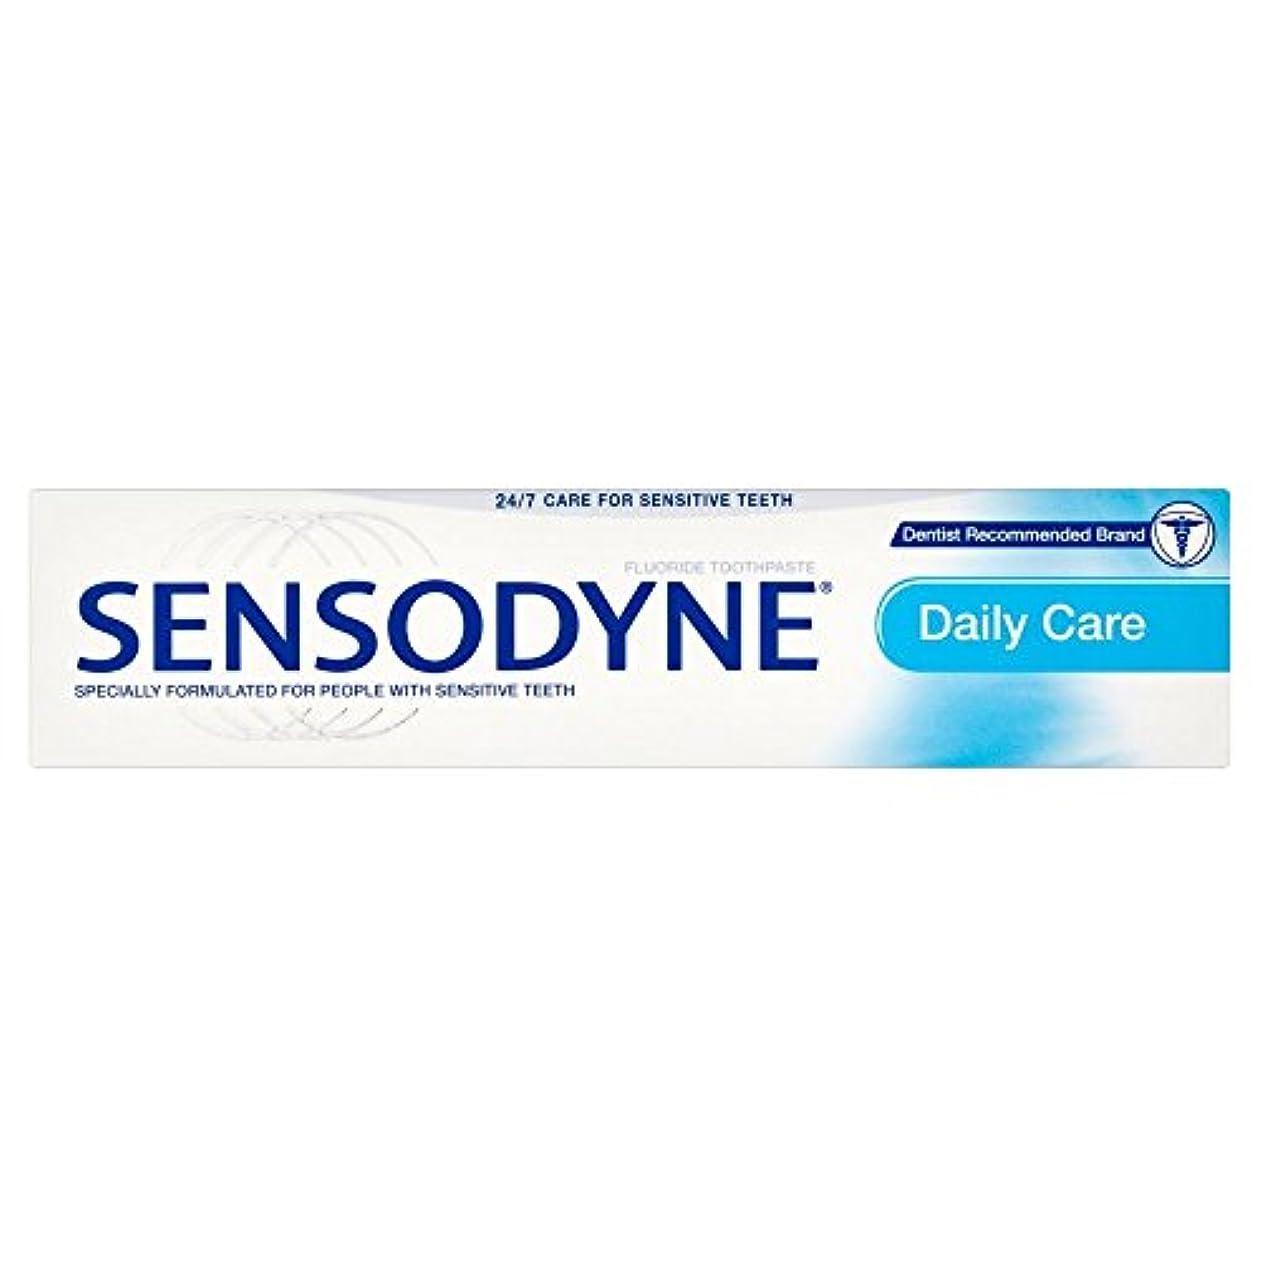 鷲不公平マリナーSensodyne Daily Care Fluoride Toothpaste (75ml) Sensodyne毎日のケアフッ化物歯磨き粉( 75ミリリットル) [並行輸入品]